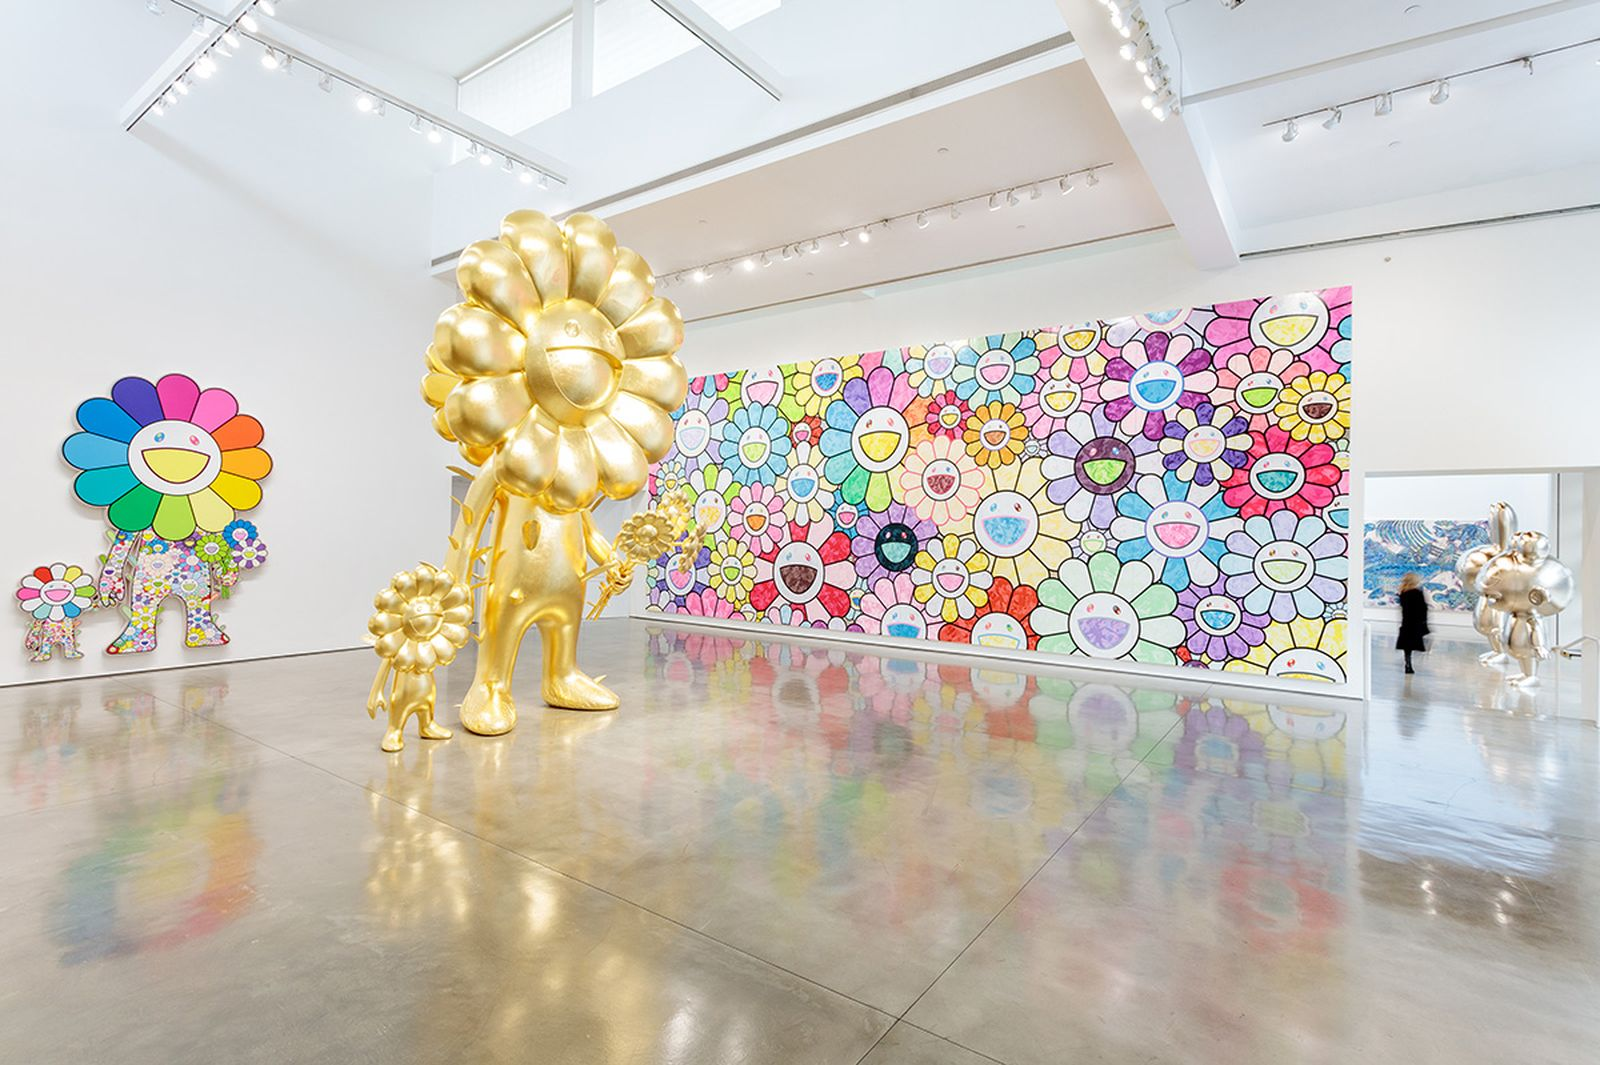 takashi murakami gyatei exhibition